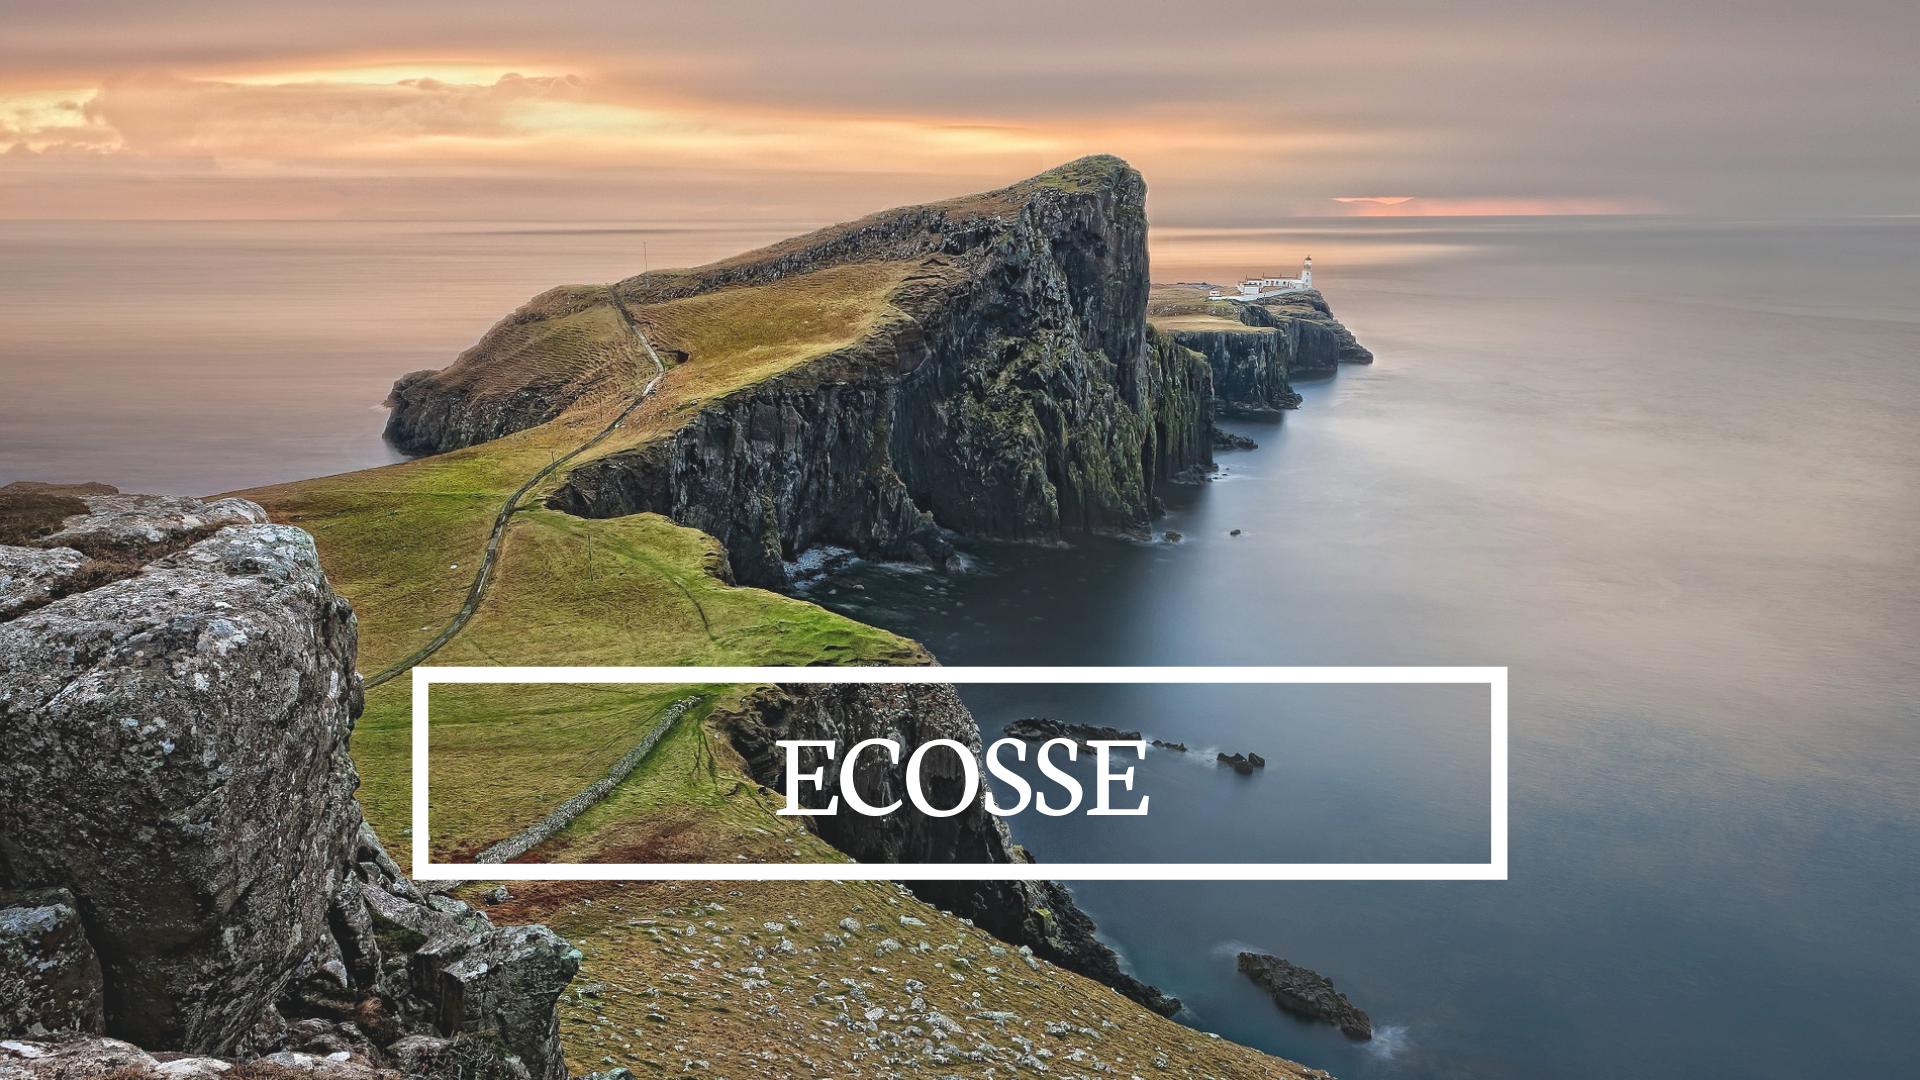 Ecosse-destination-ou-partir-europe-travel-for-you